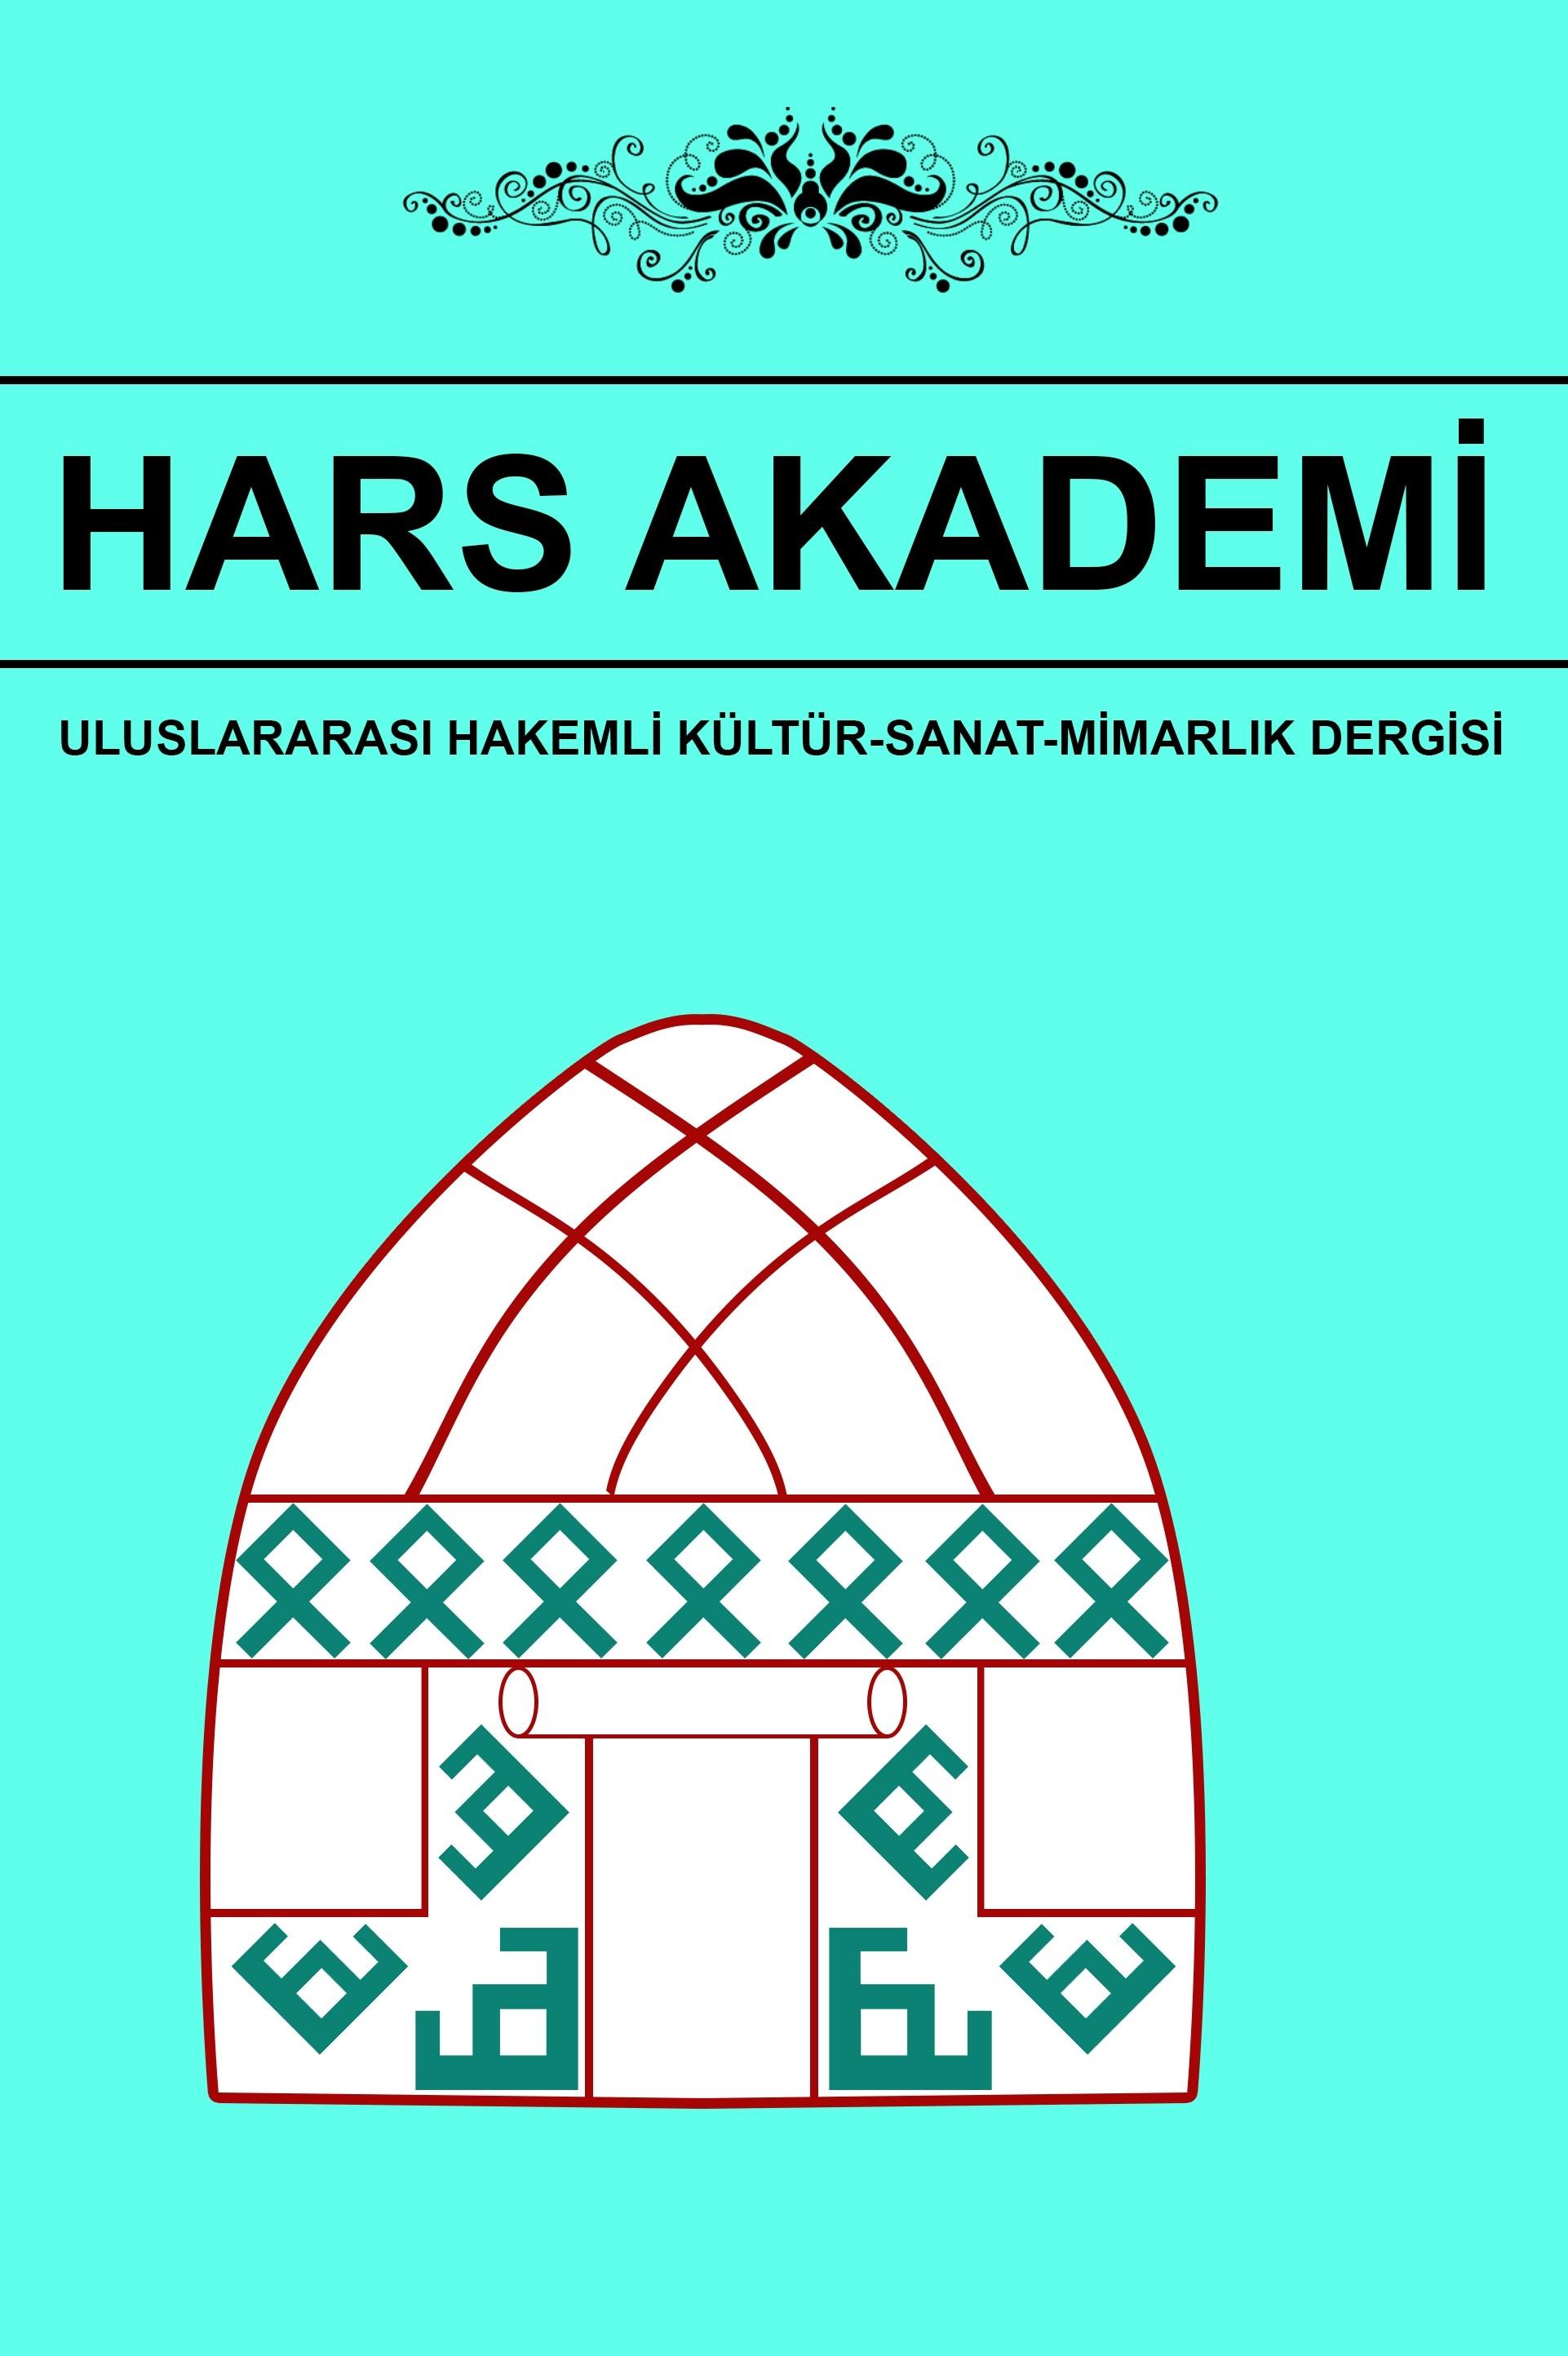 Hars Akademi